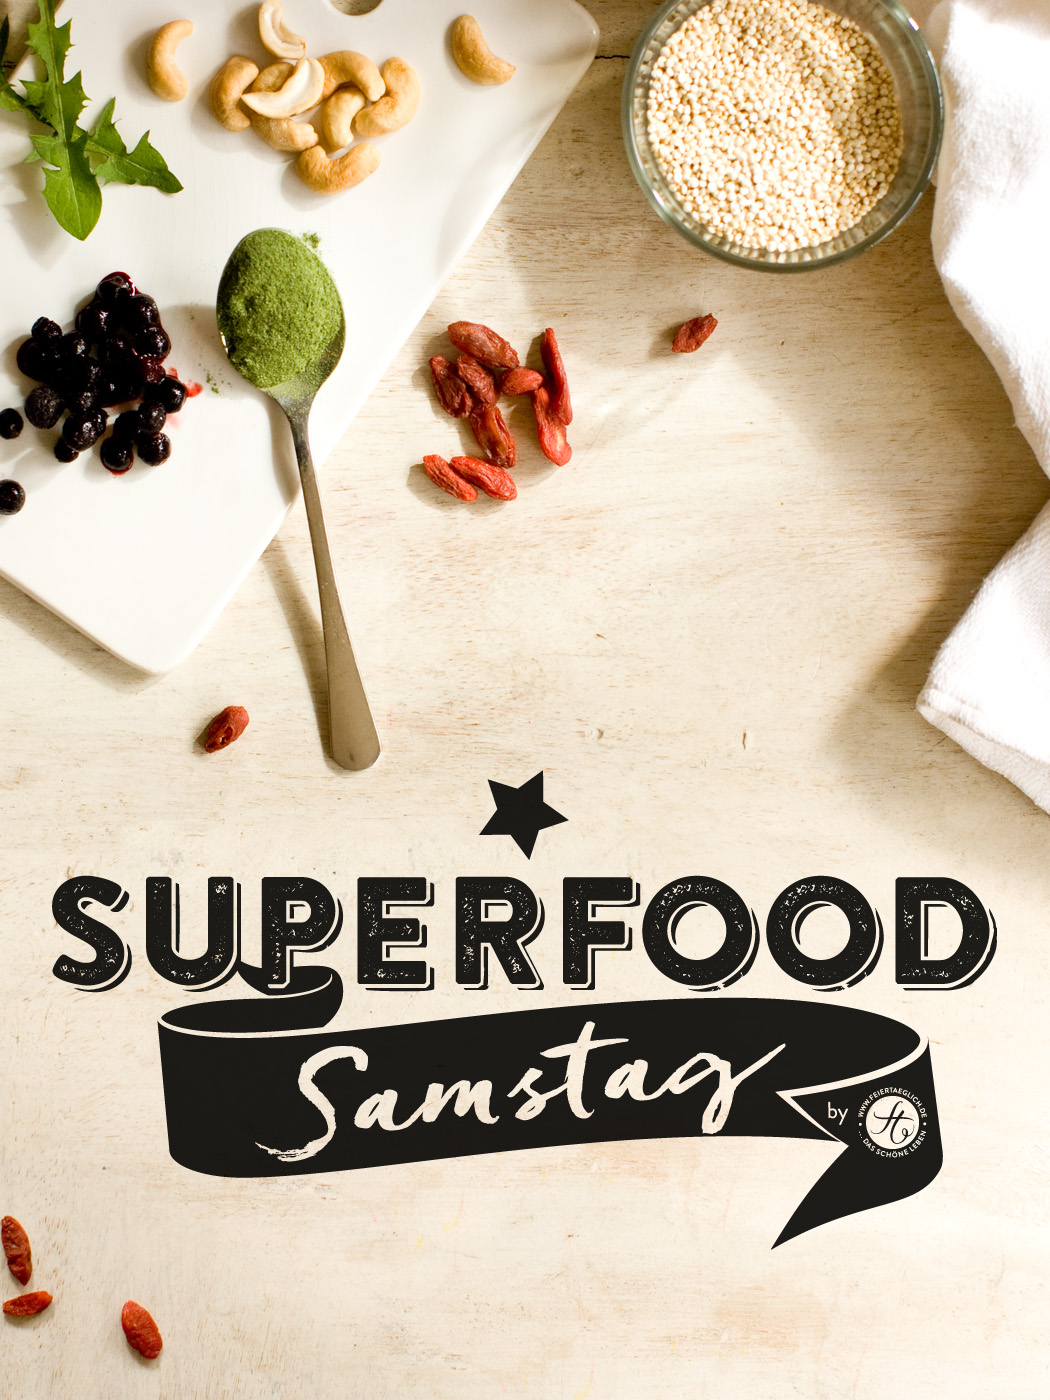 Superfoodsamstag_h1